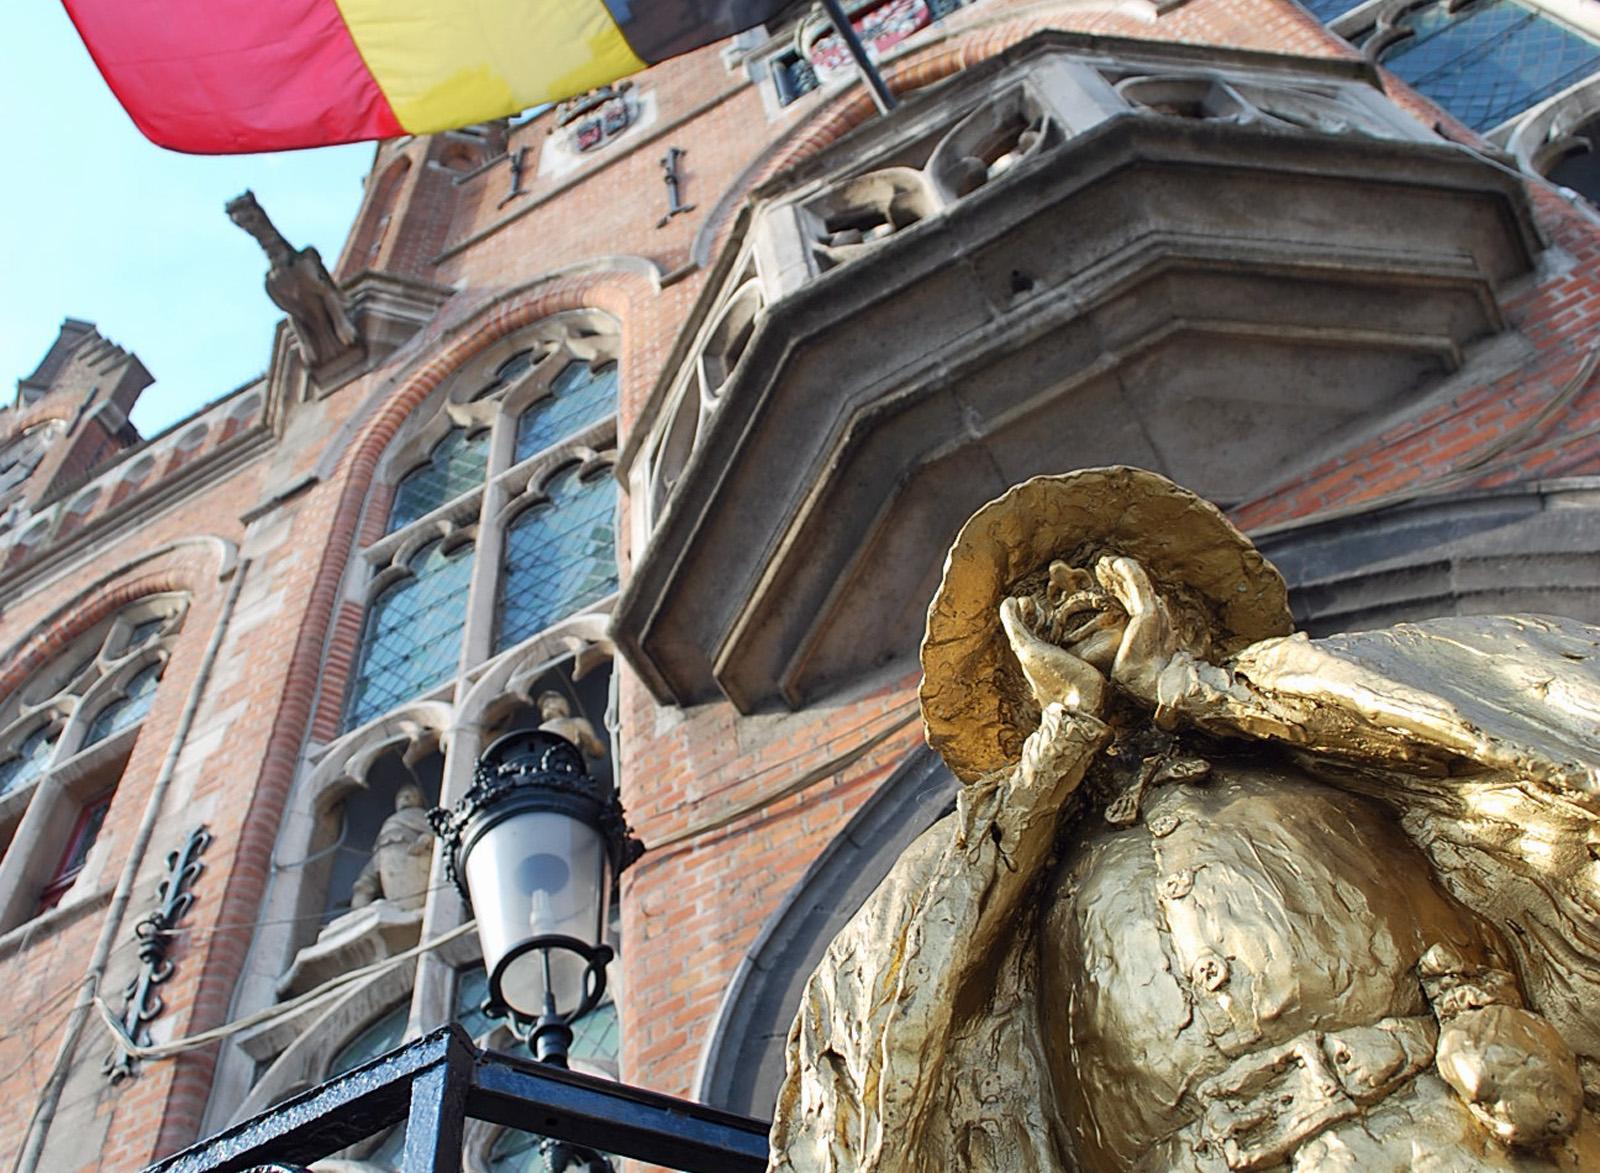 Statue des Hurlu vor dem Rathaus von Mouscron.